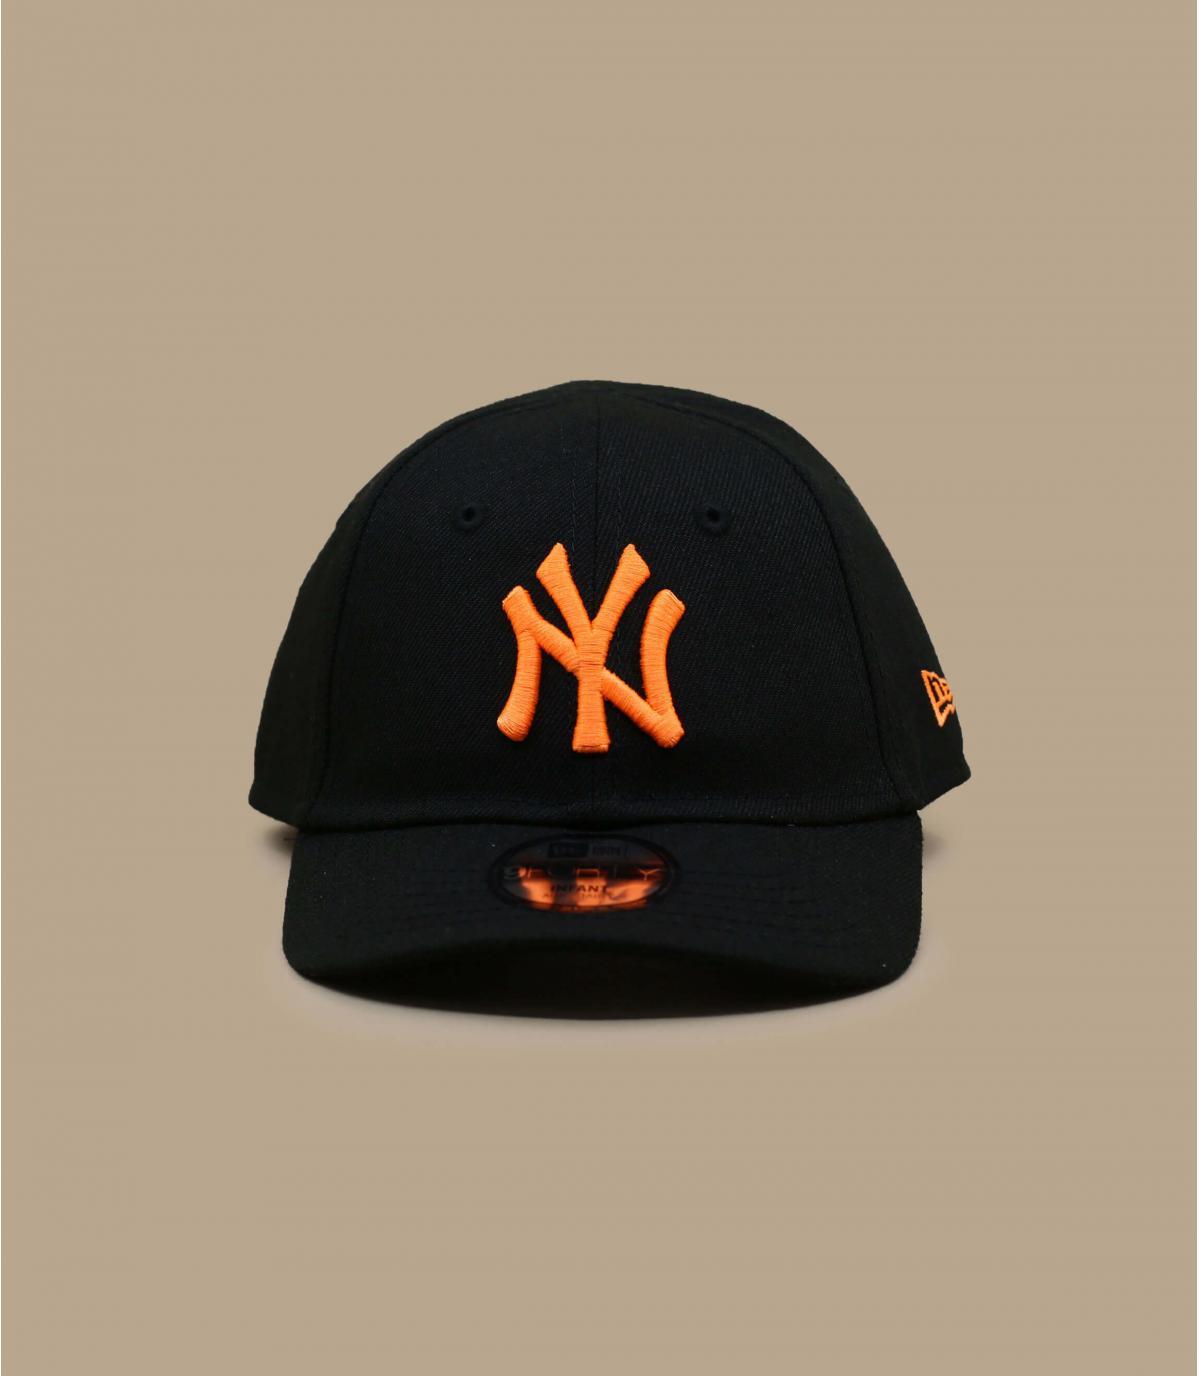 cappellino neonato NY nero arancio